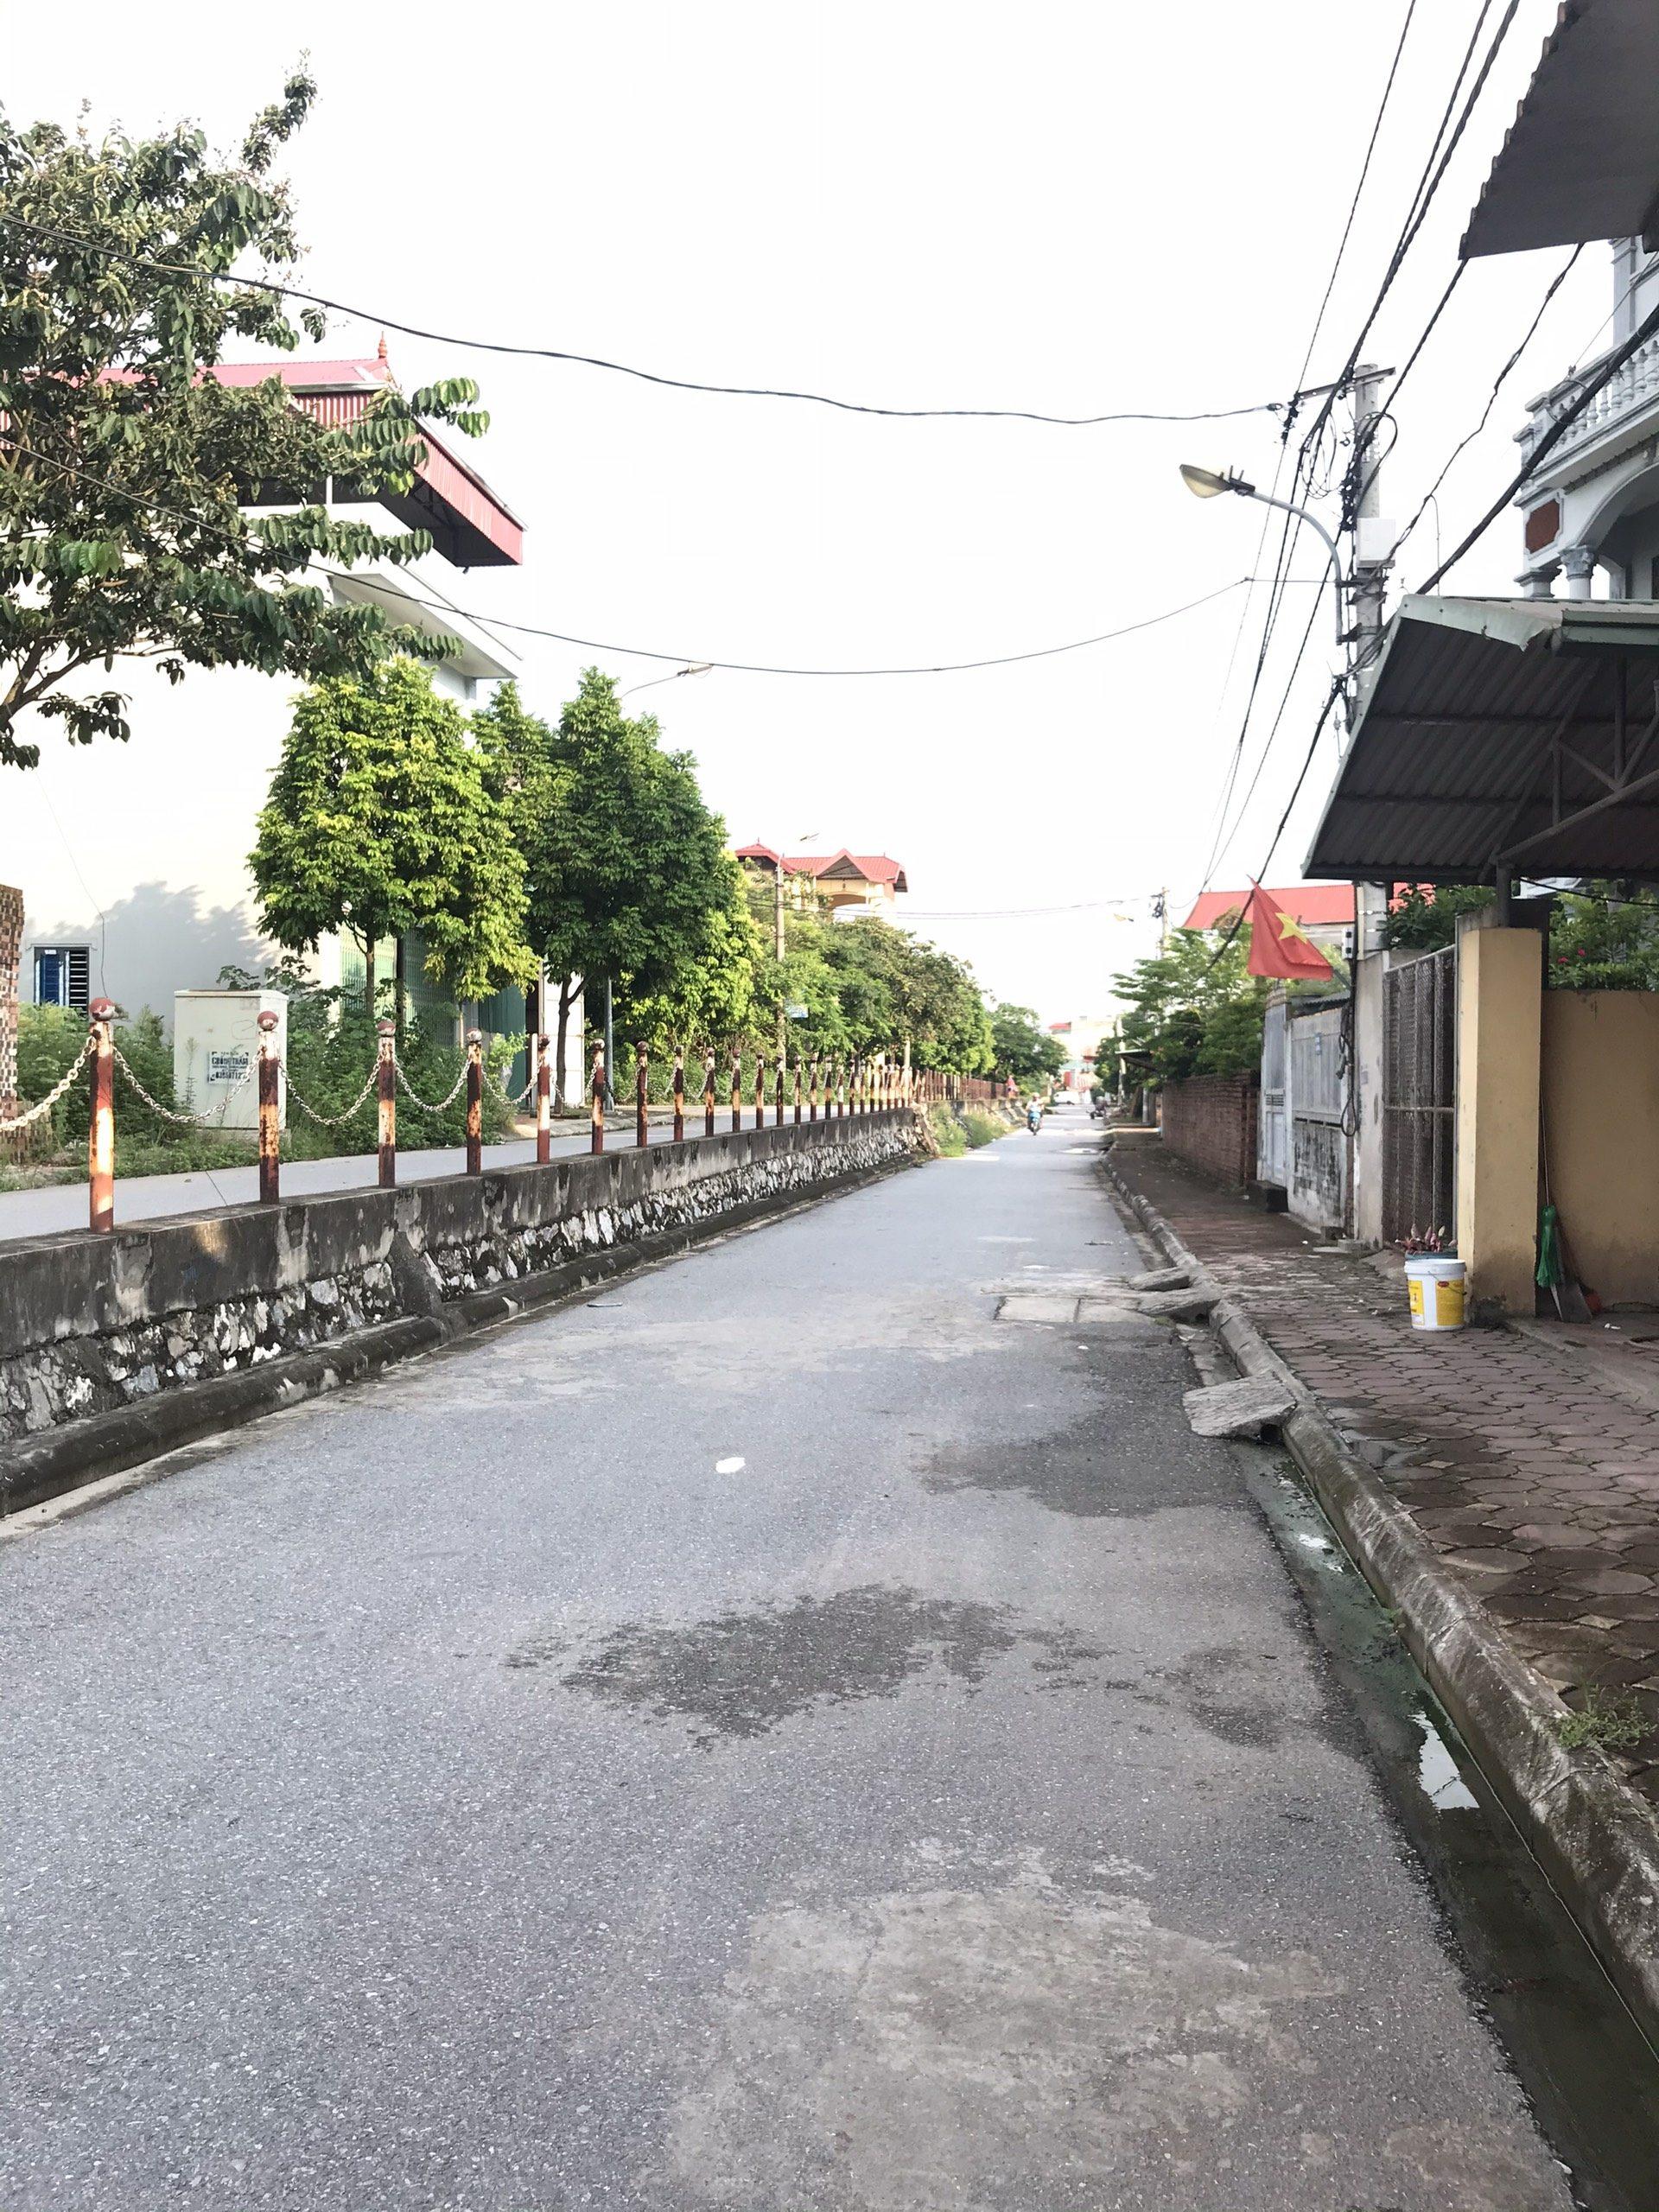 Cần bán lô đất 40,4m2 tại Thôn 3, Đông Dư, Gia Lâm, Hà Nội.